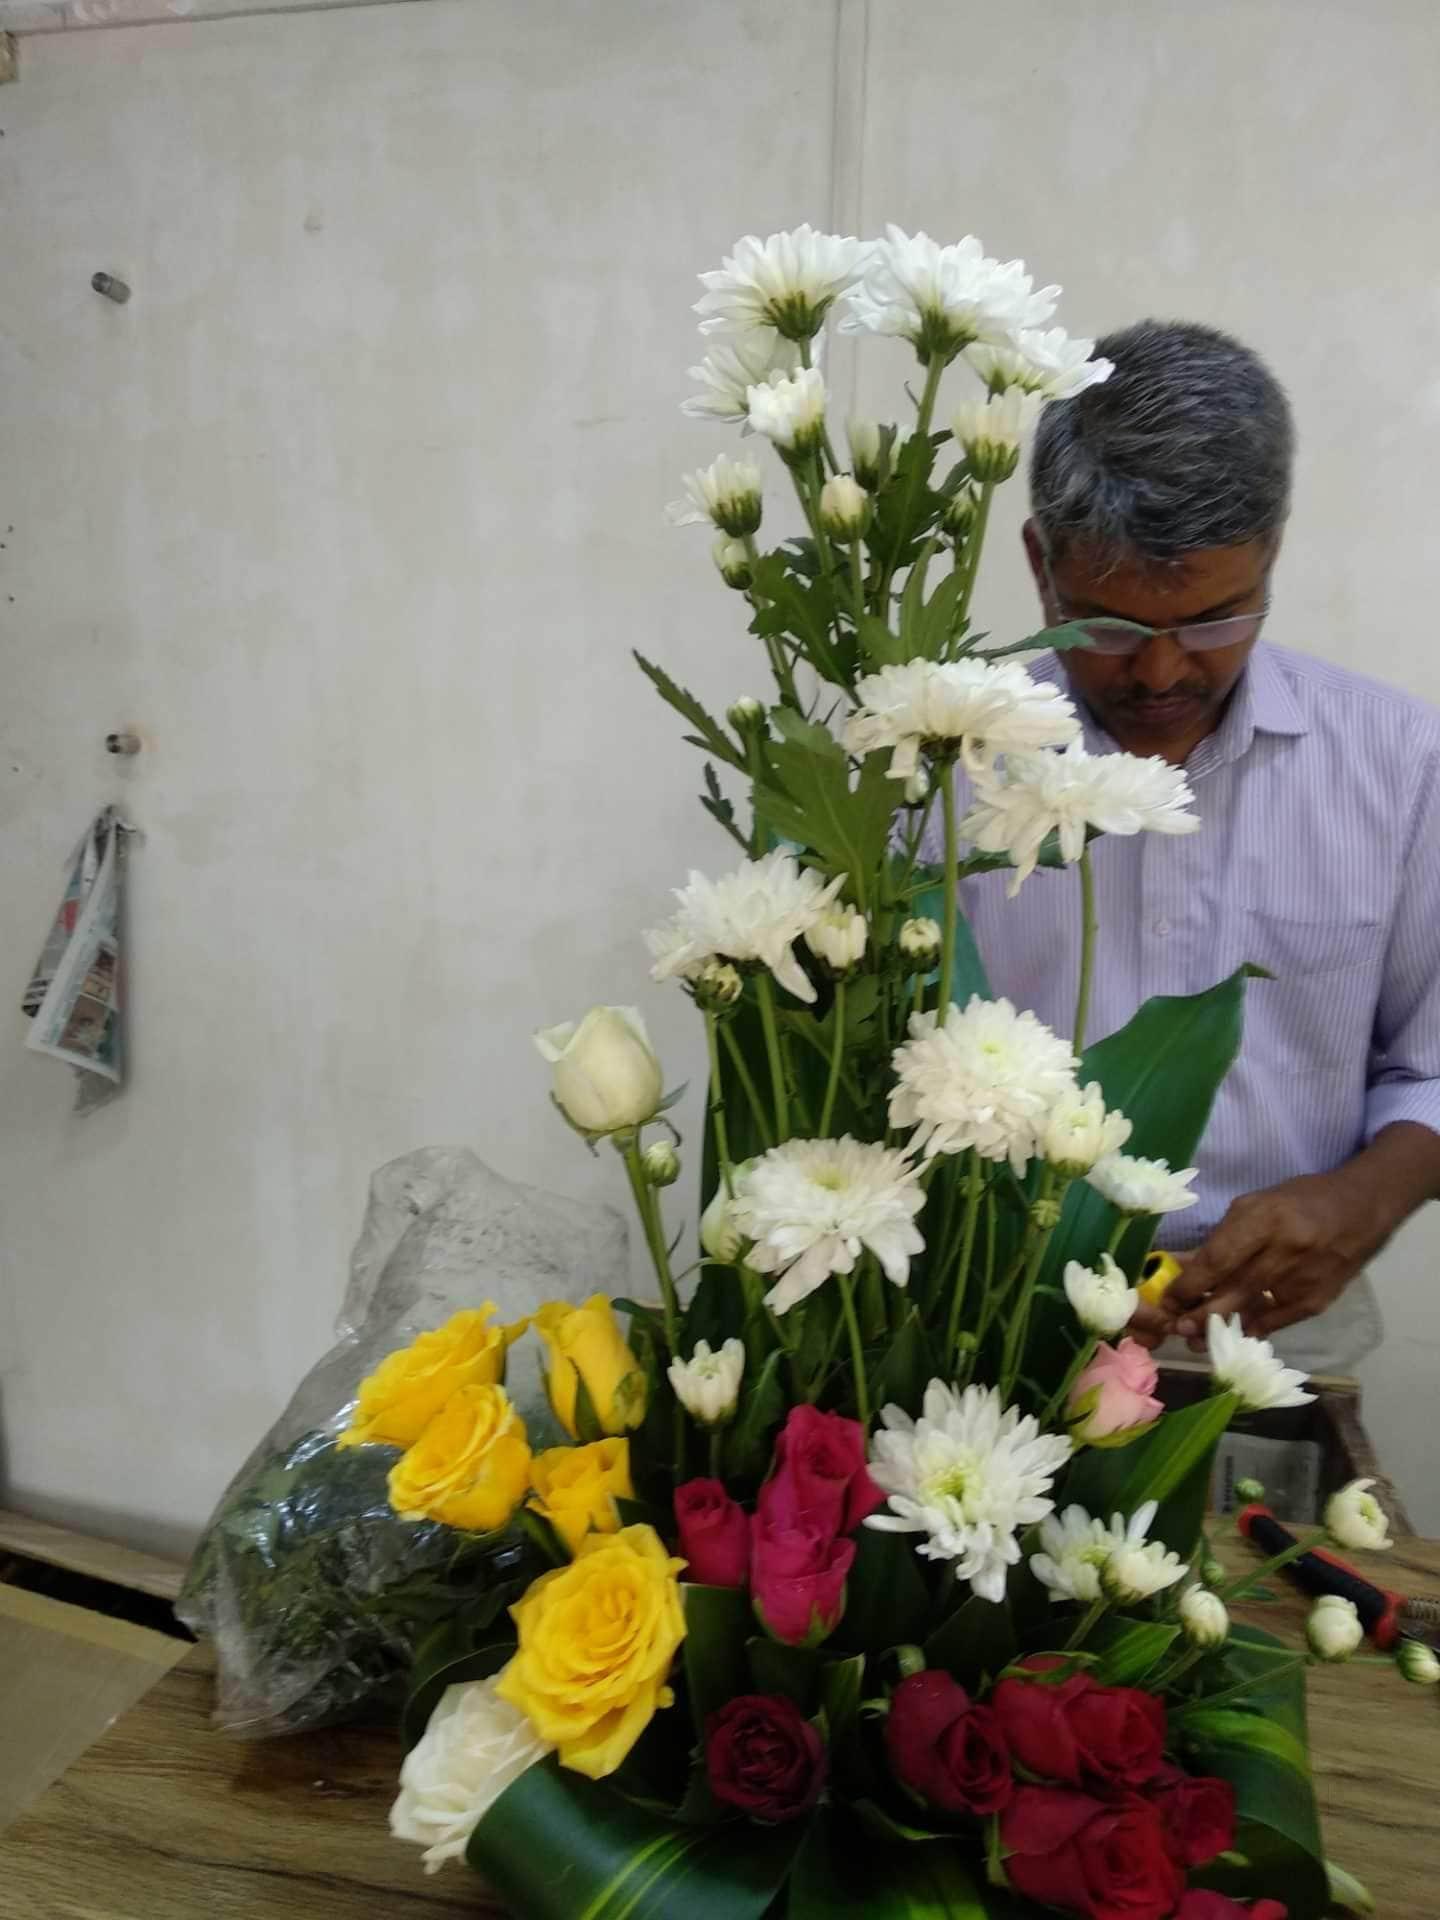 Oriental Flowers Shop Colva Florists In Goa Justdial